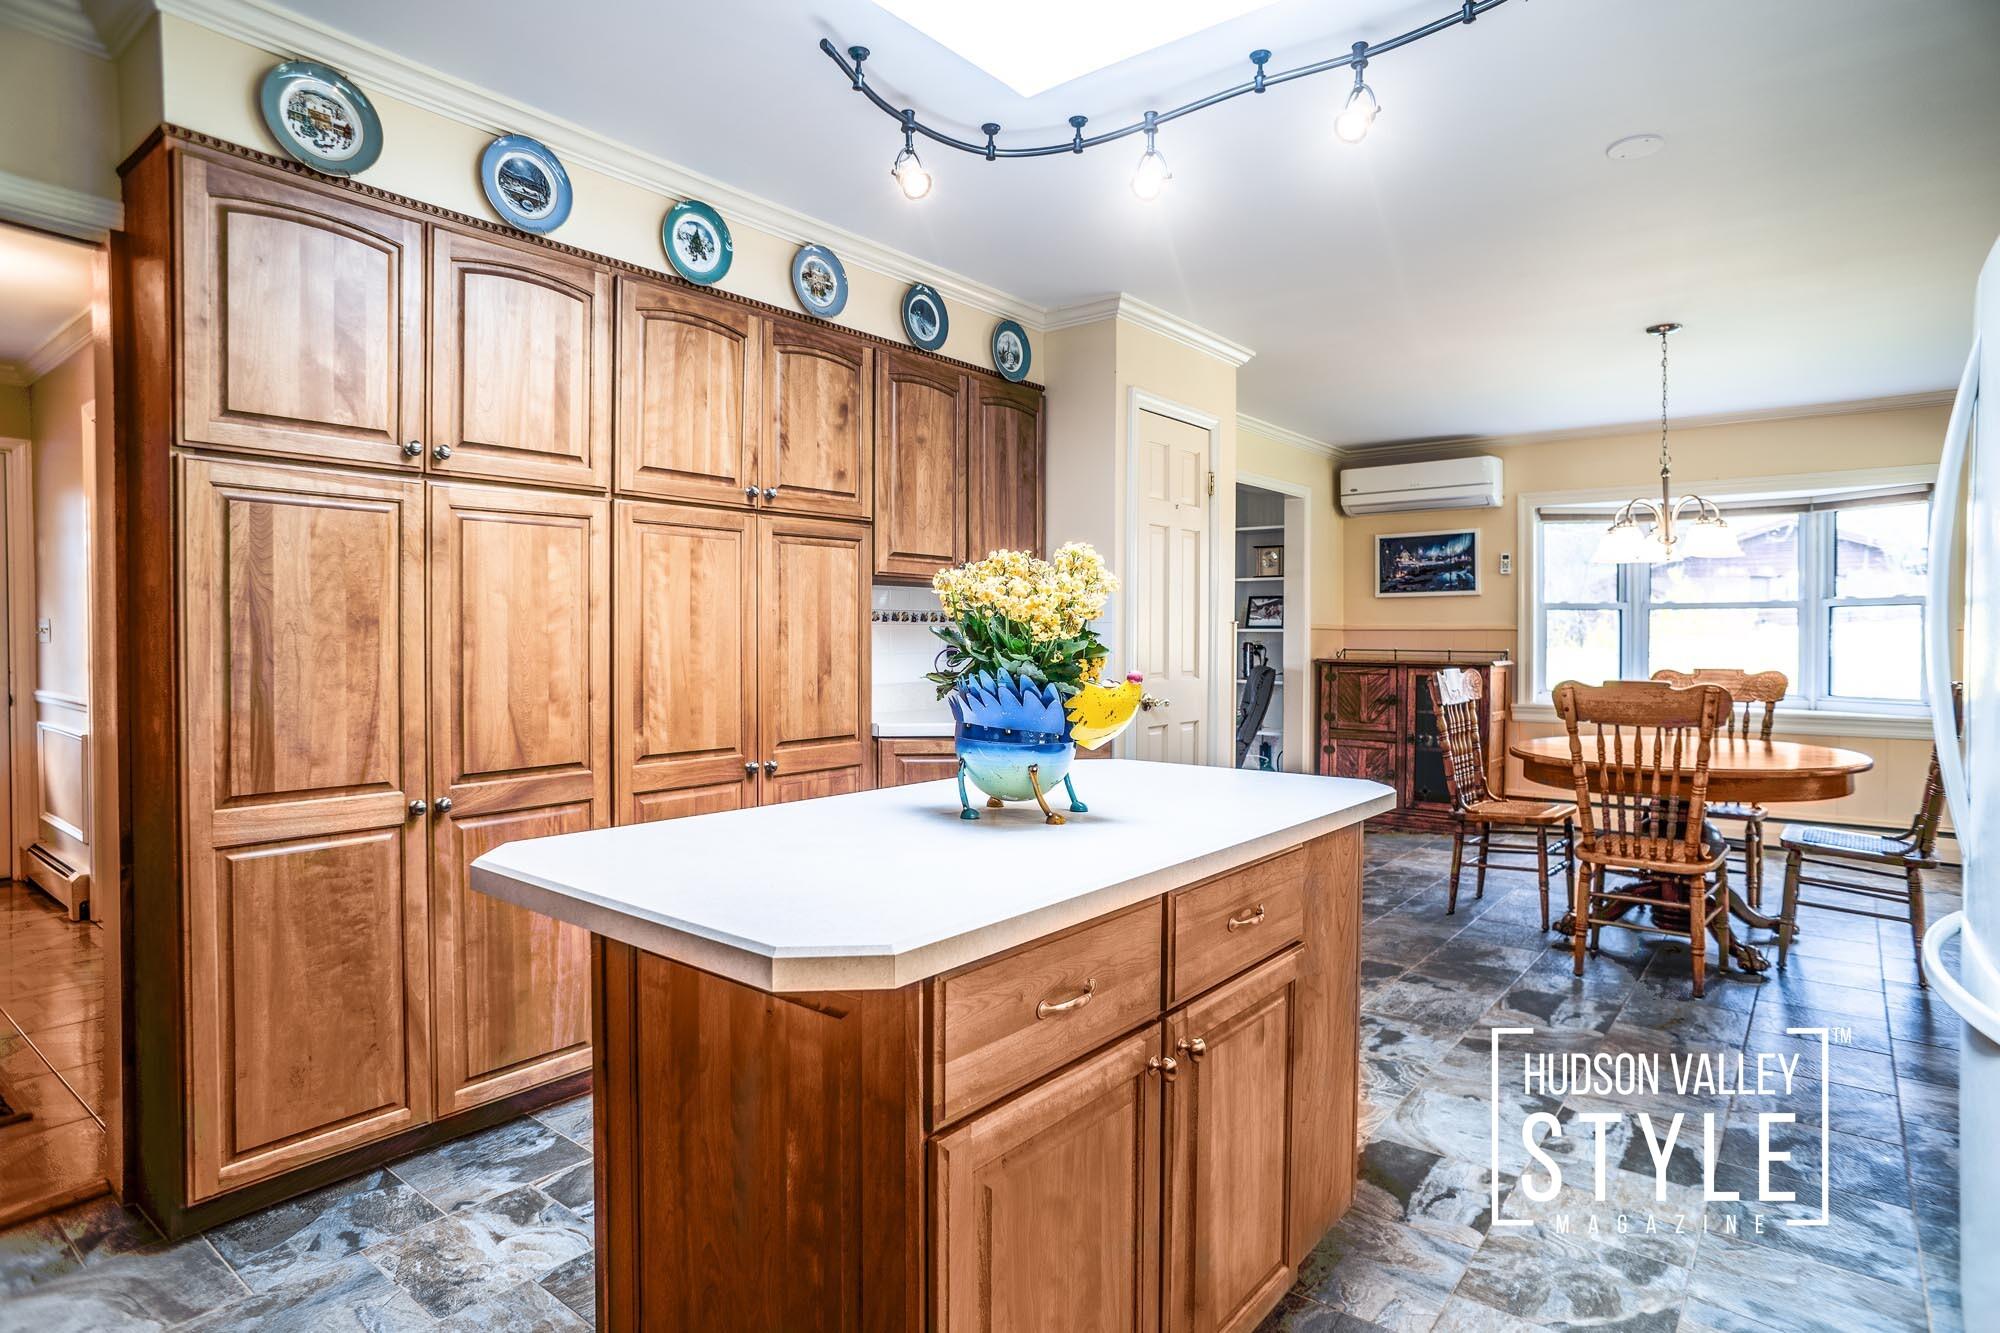 Ferme de la vallée de l'Hudson à vendre - Alexander Maxwell Realty - Meilleurs agents immobiliers à Hudson Valley